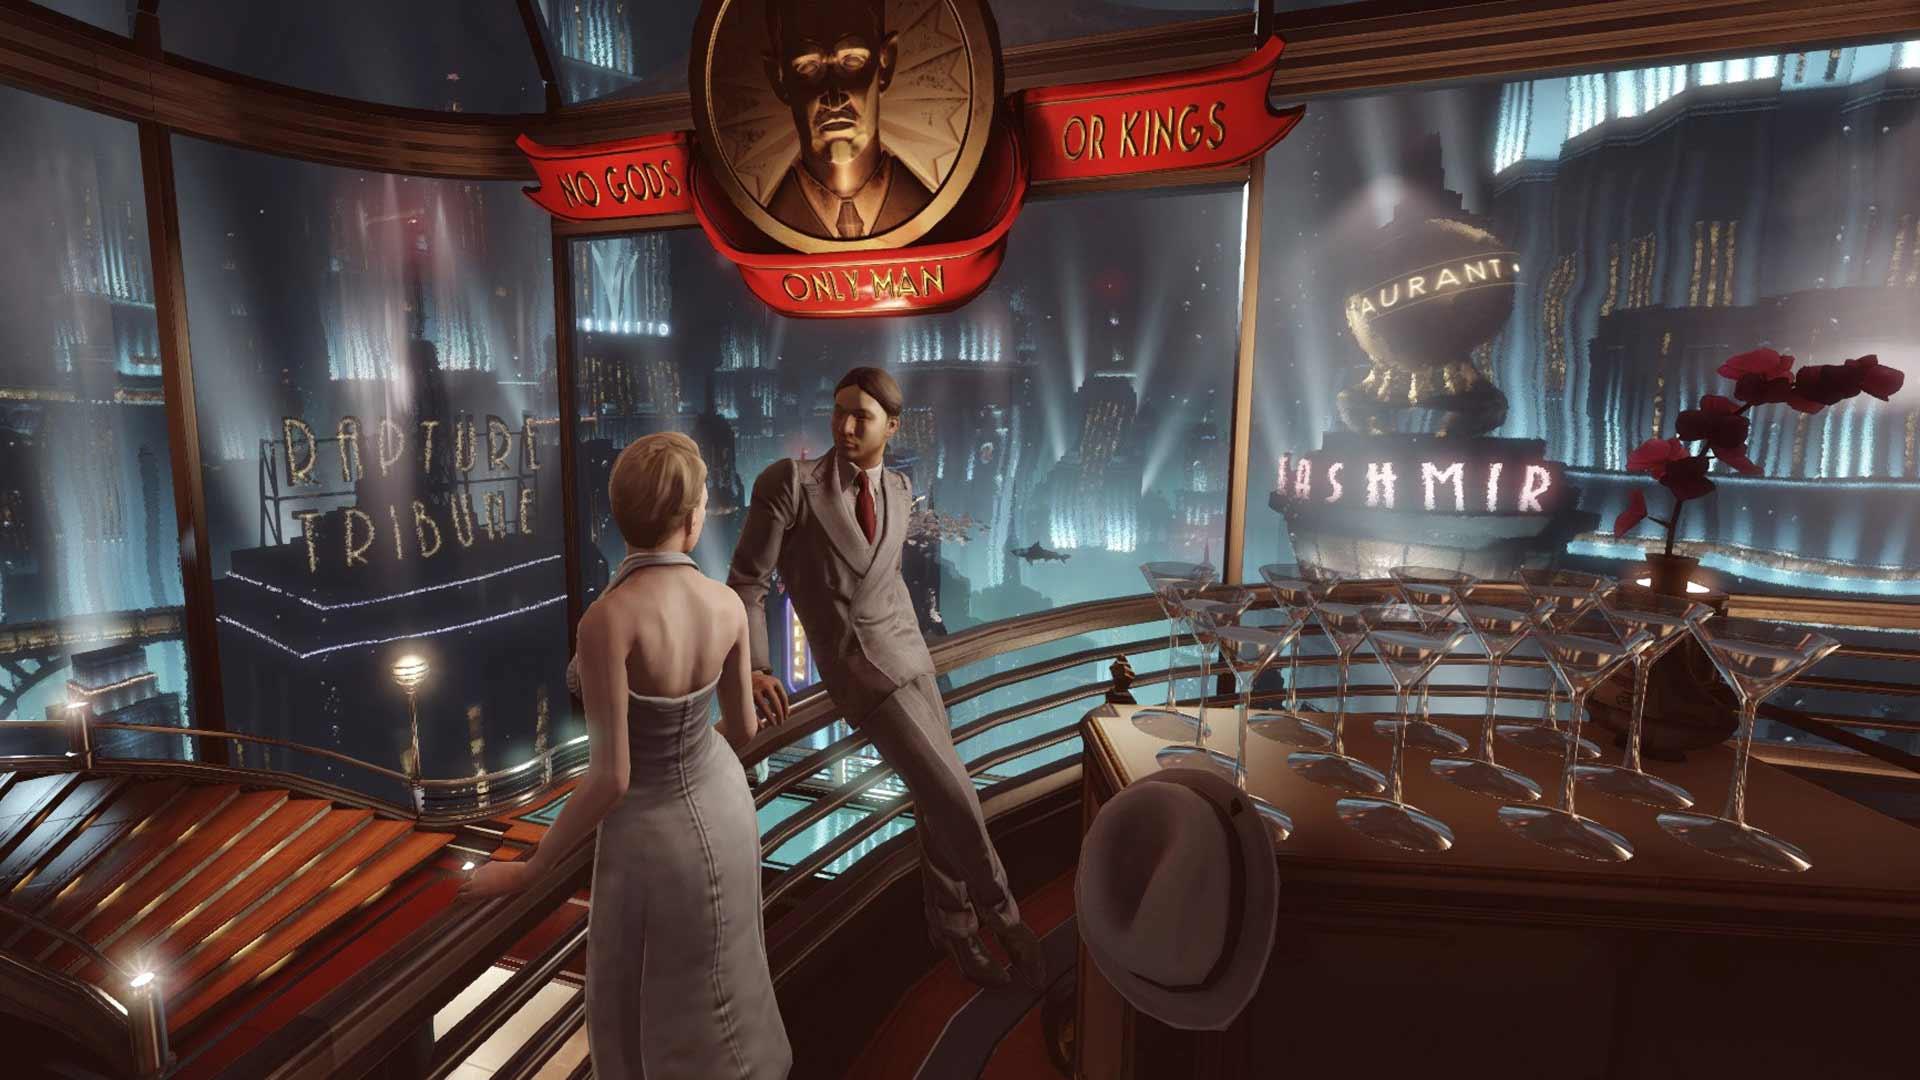 Фаренгейт 451 упоминается во всех играх разработчиков BioShock